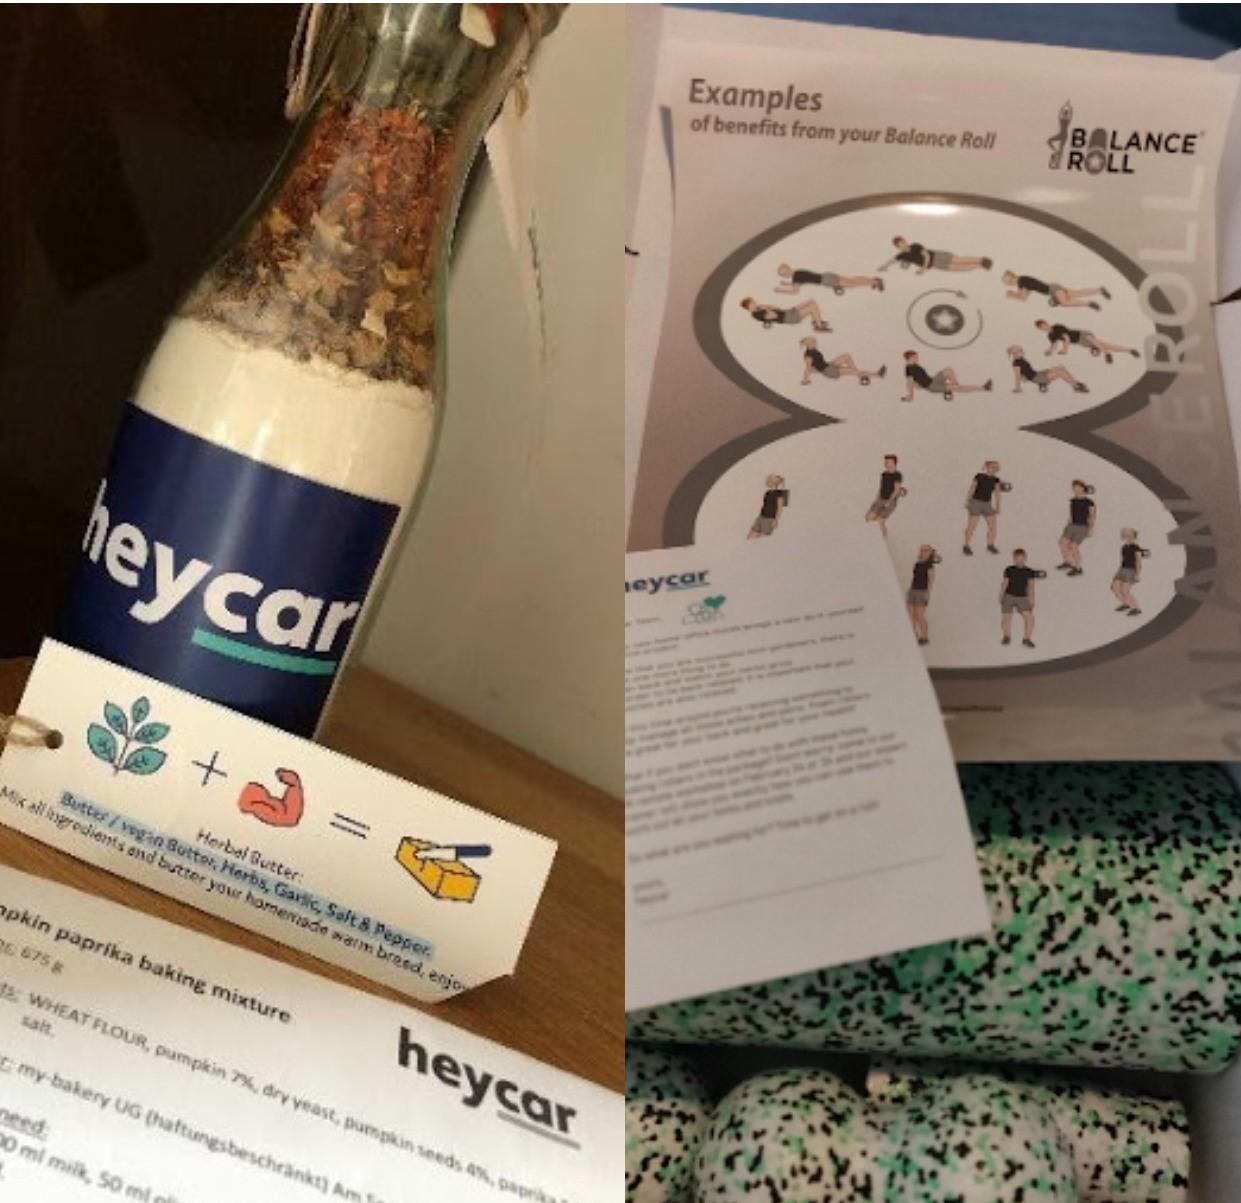 heycar corporate culture